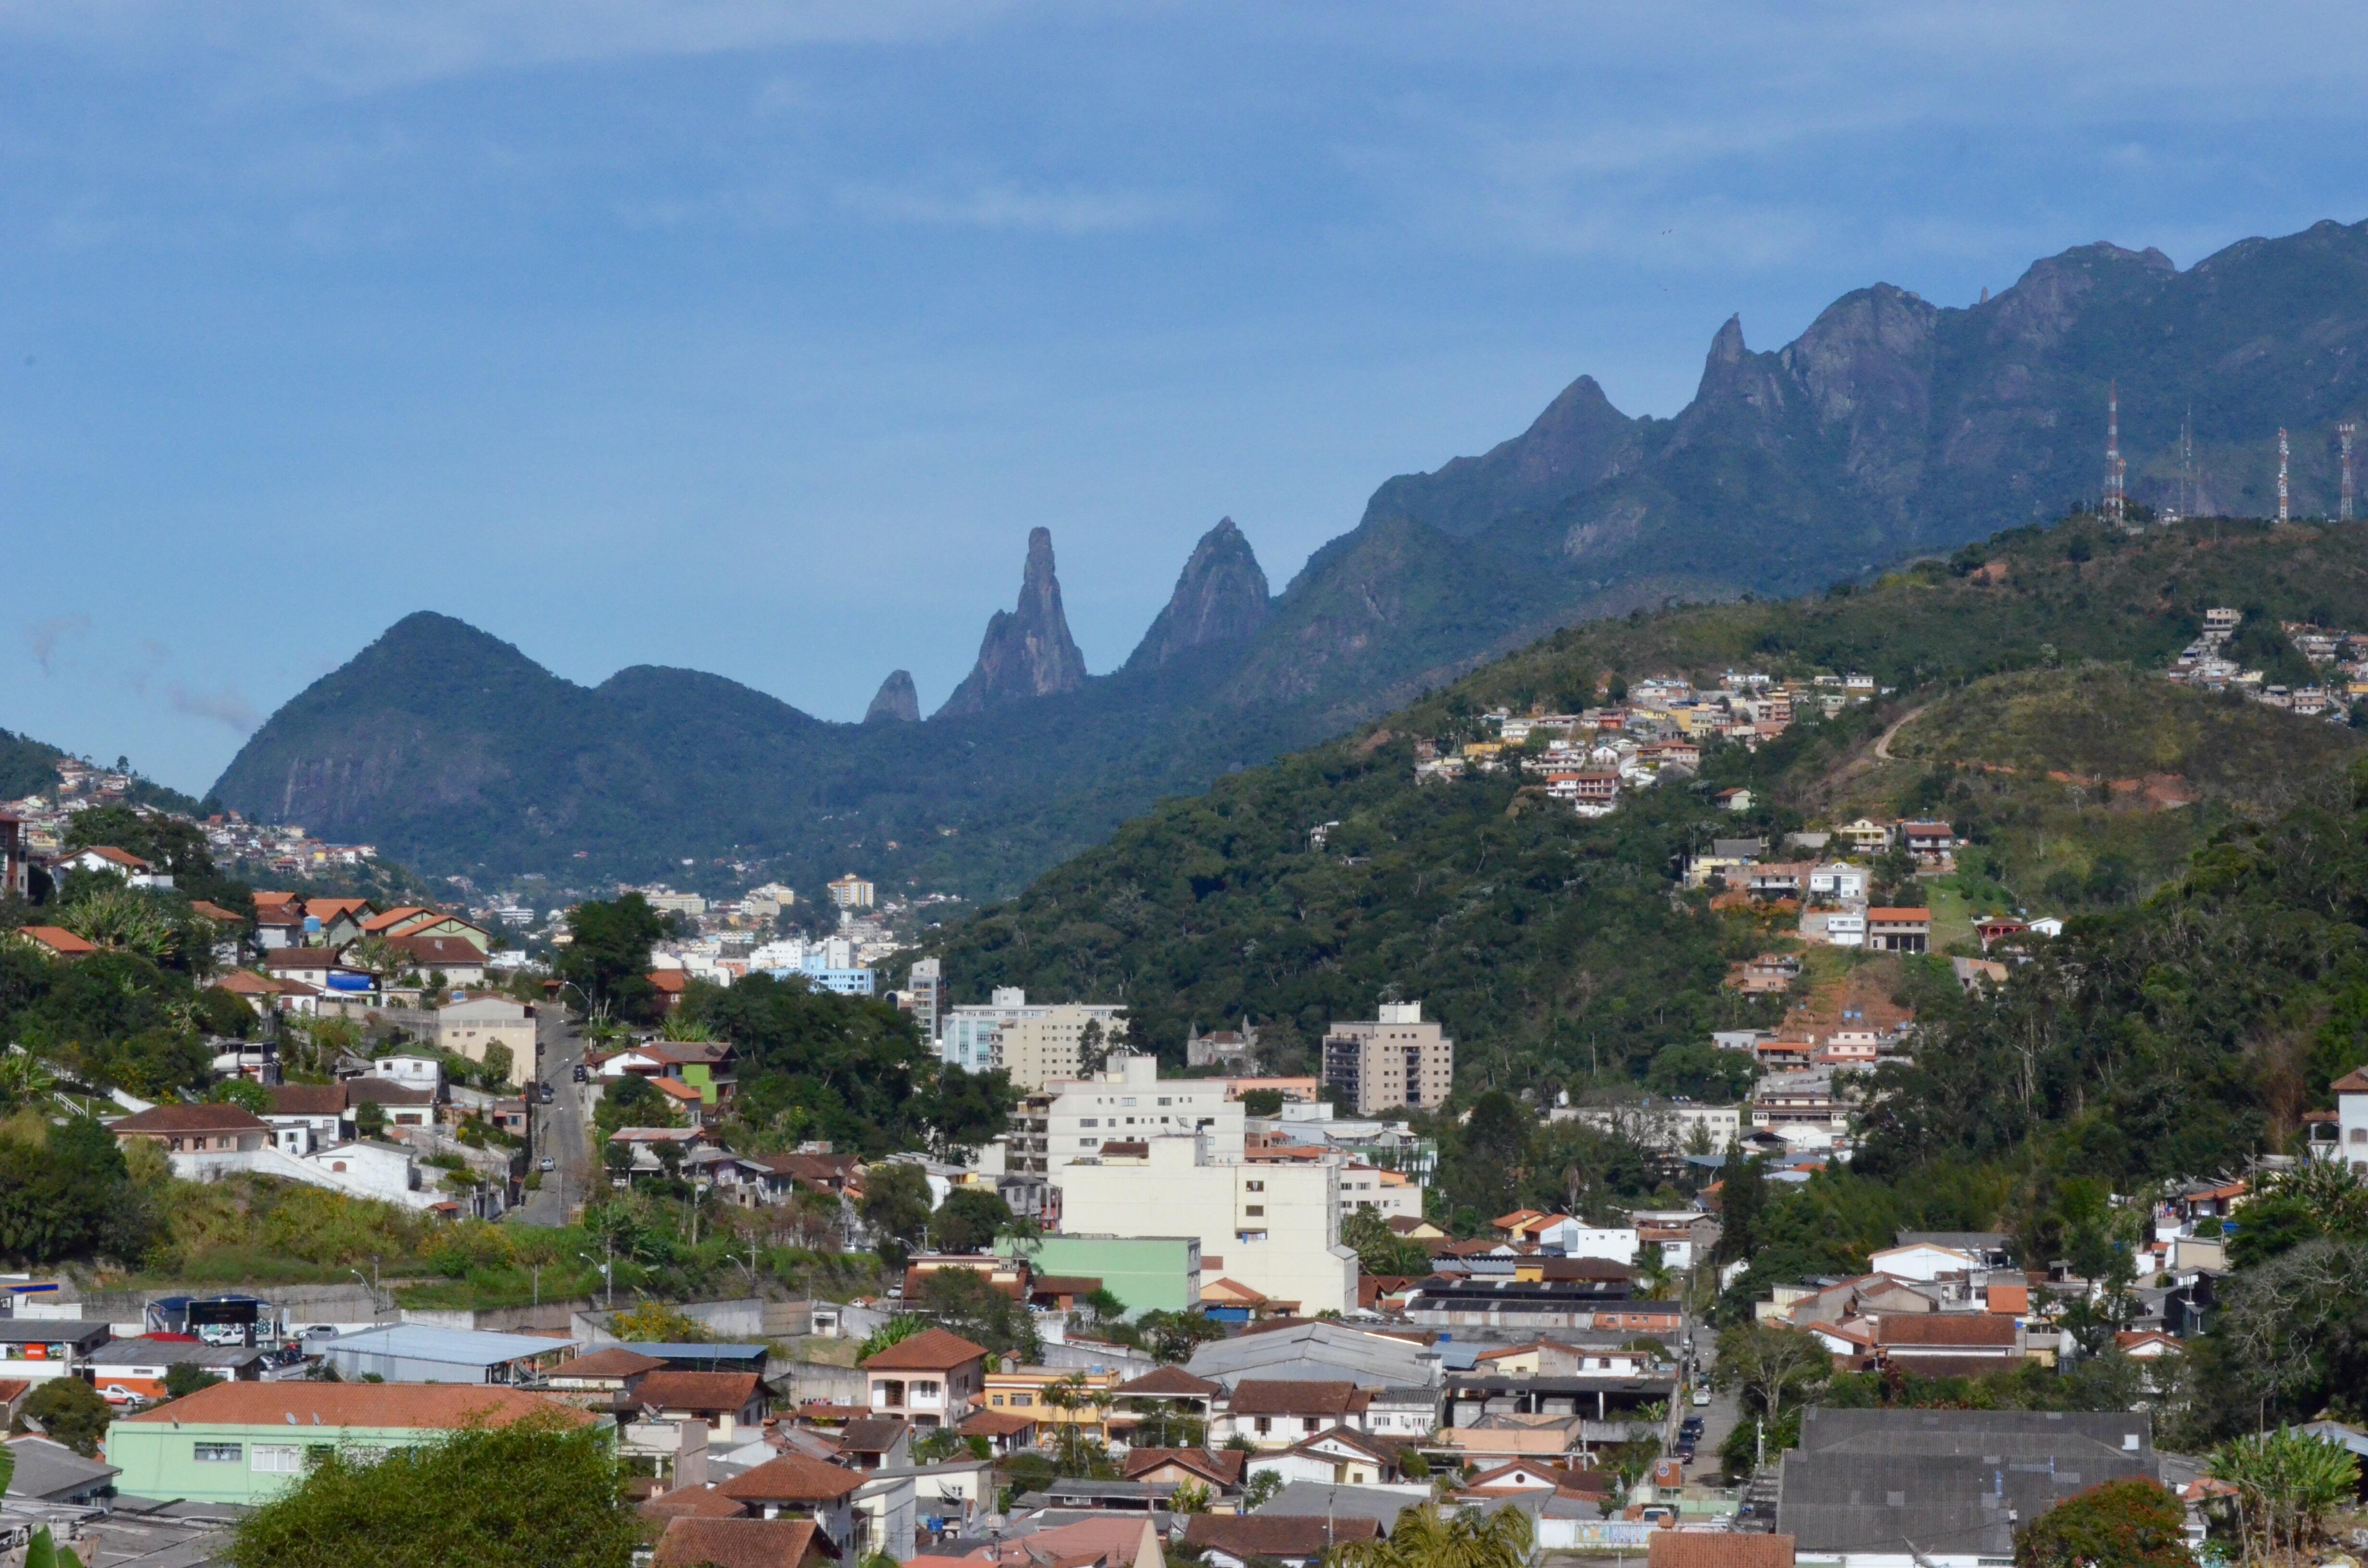 Vista da Cidade de Teresópolis